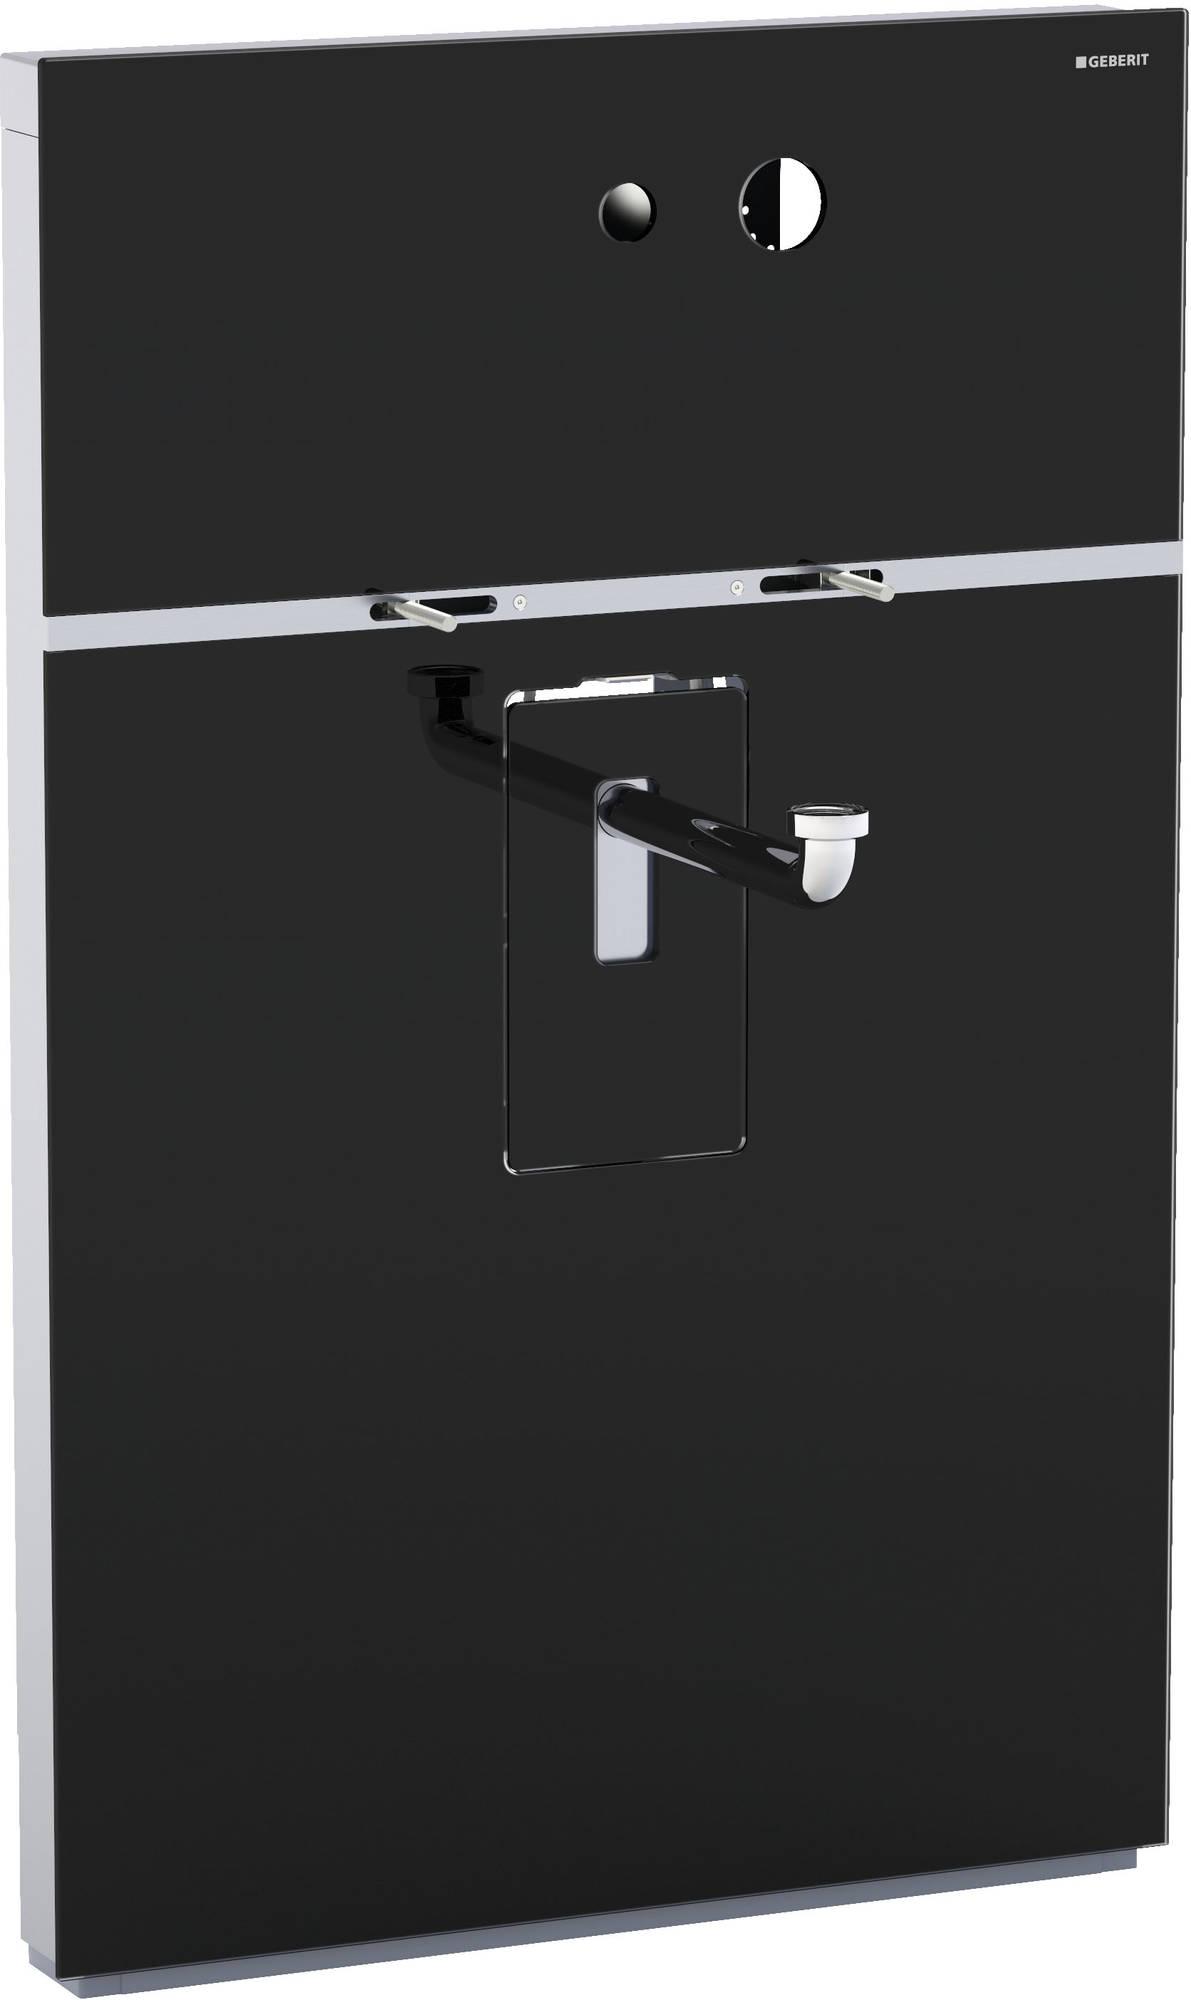 Geberit Monolith wastafelelement voor wandkraan 10-11 cm, glas zwart-aluminium